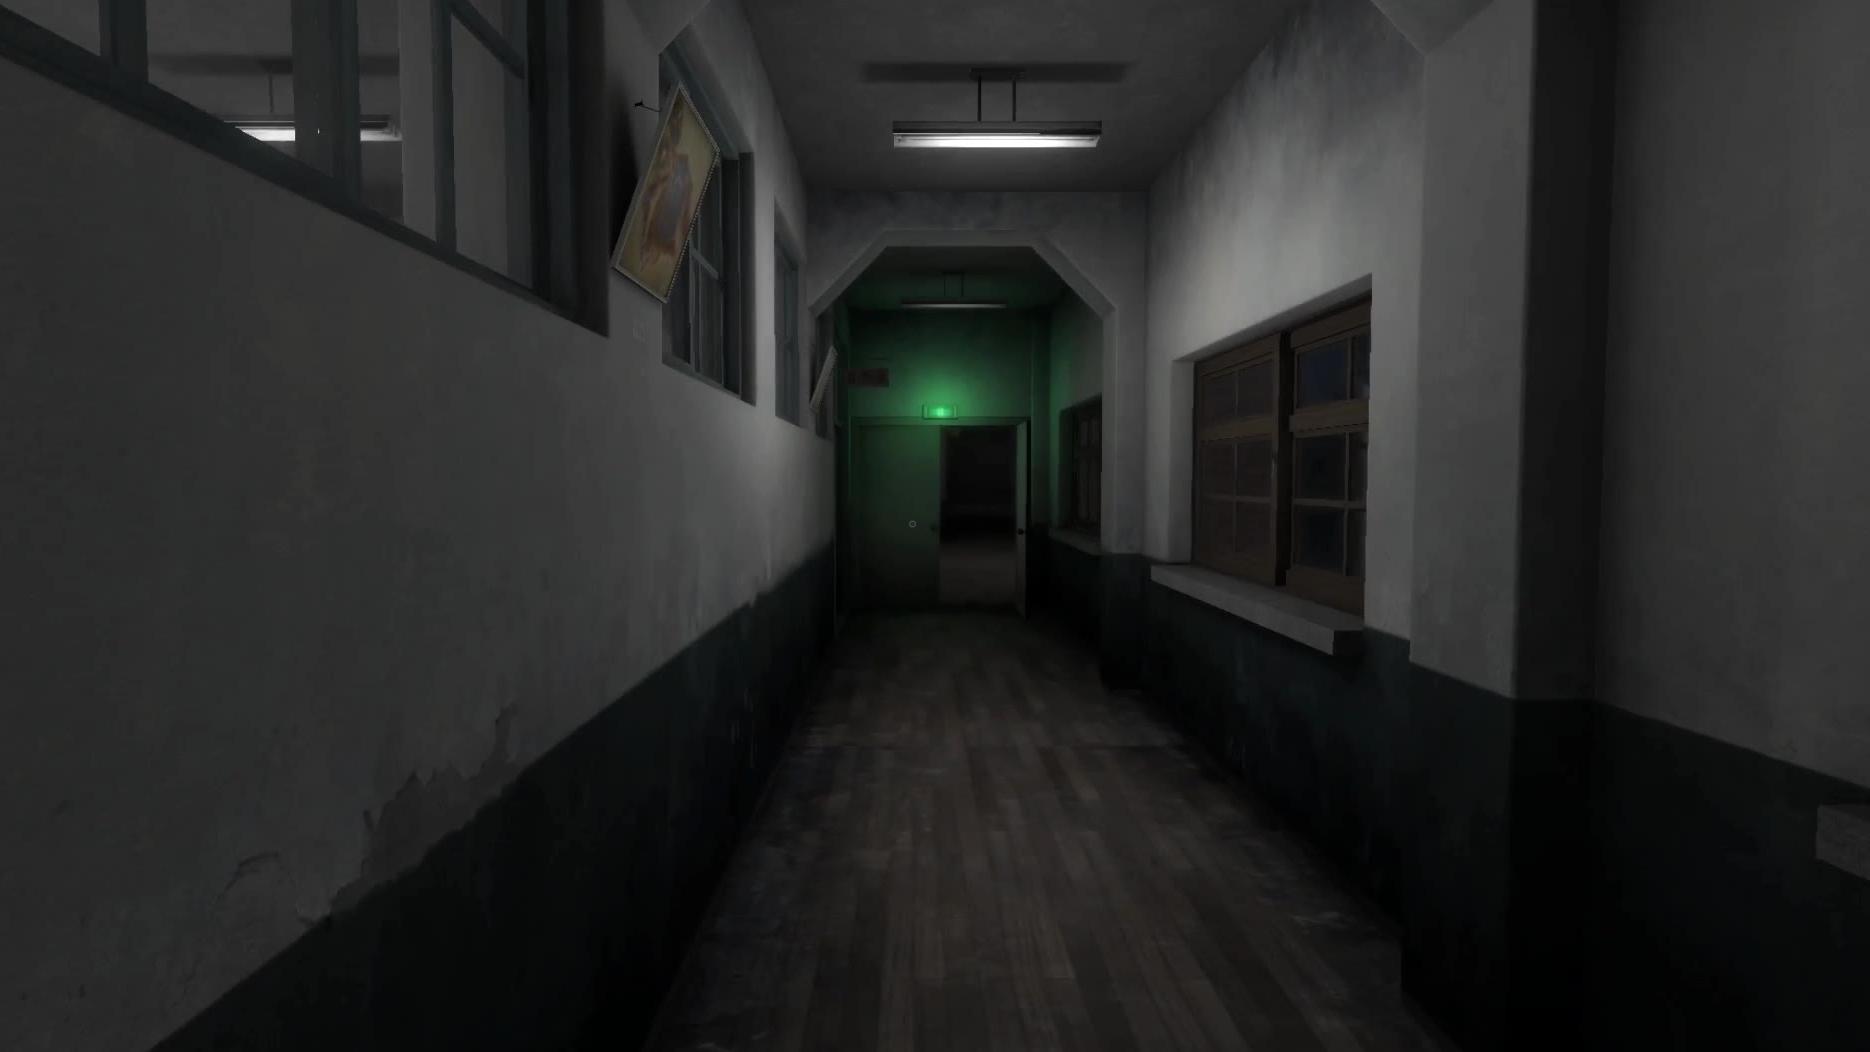 韩国恐怖游戏:校园迷宫(第4期)骚走位戏耍看门大爷